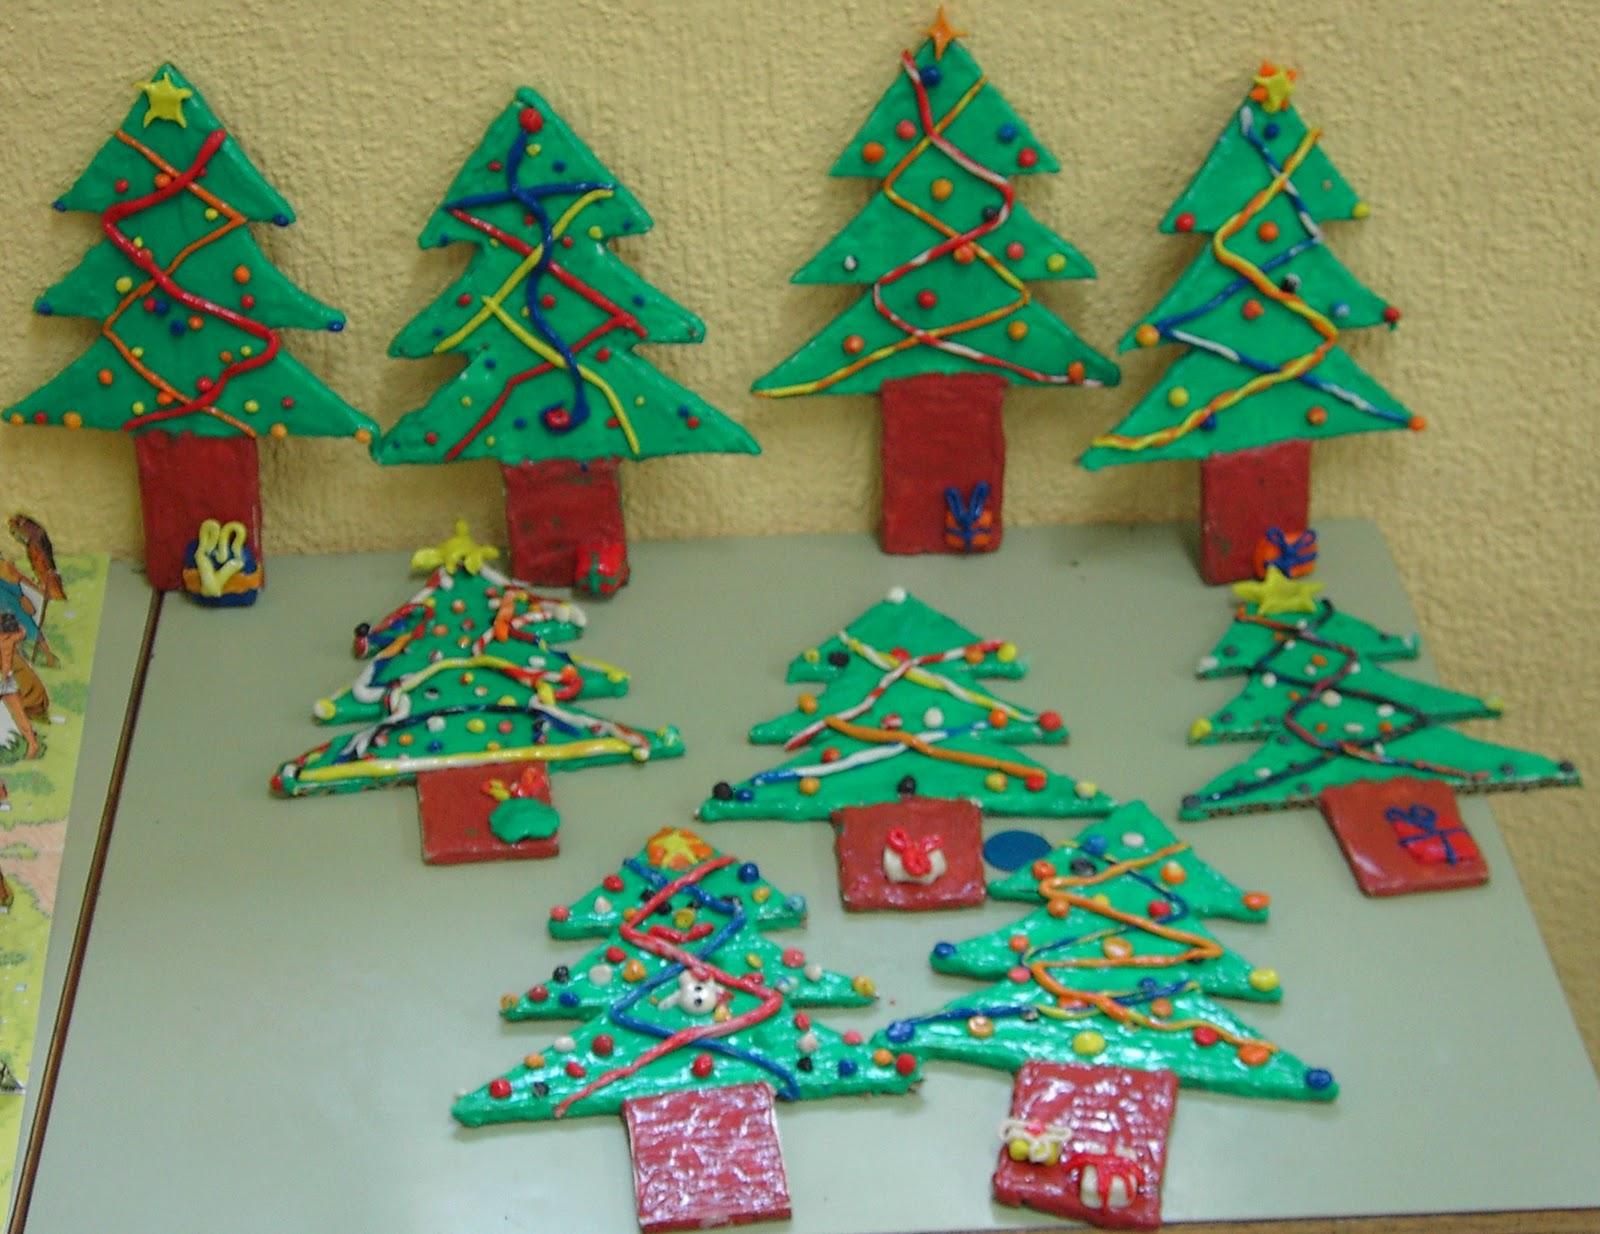 Como decorar un arbol de navidad para ninos - Arbol de navidad infantil ...